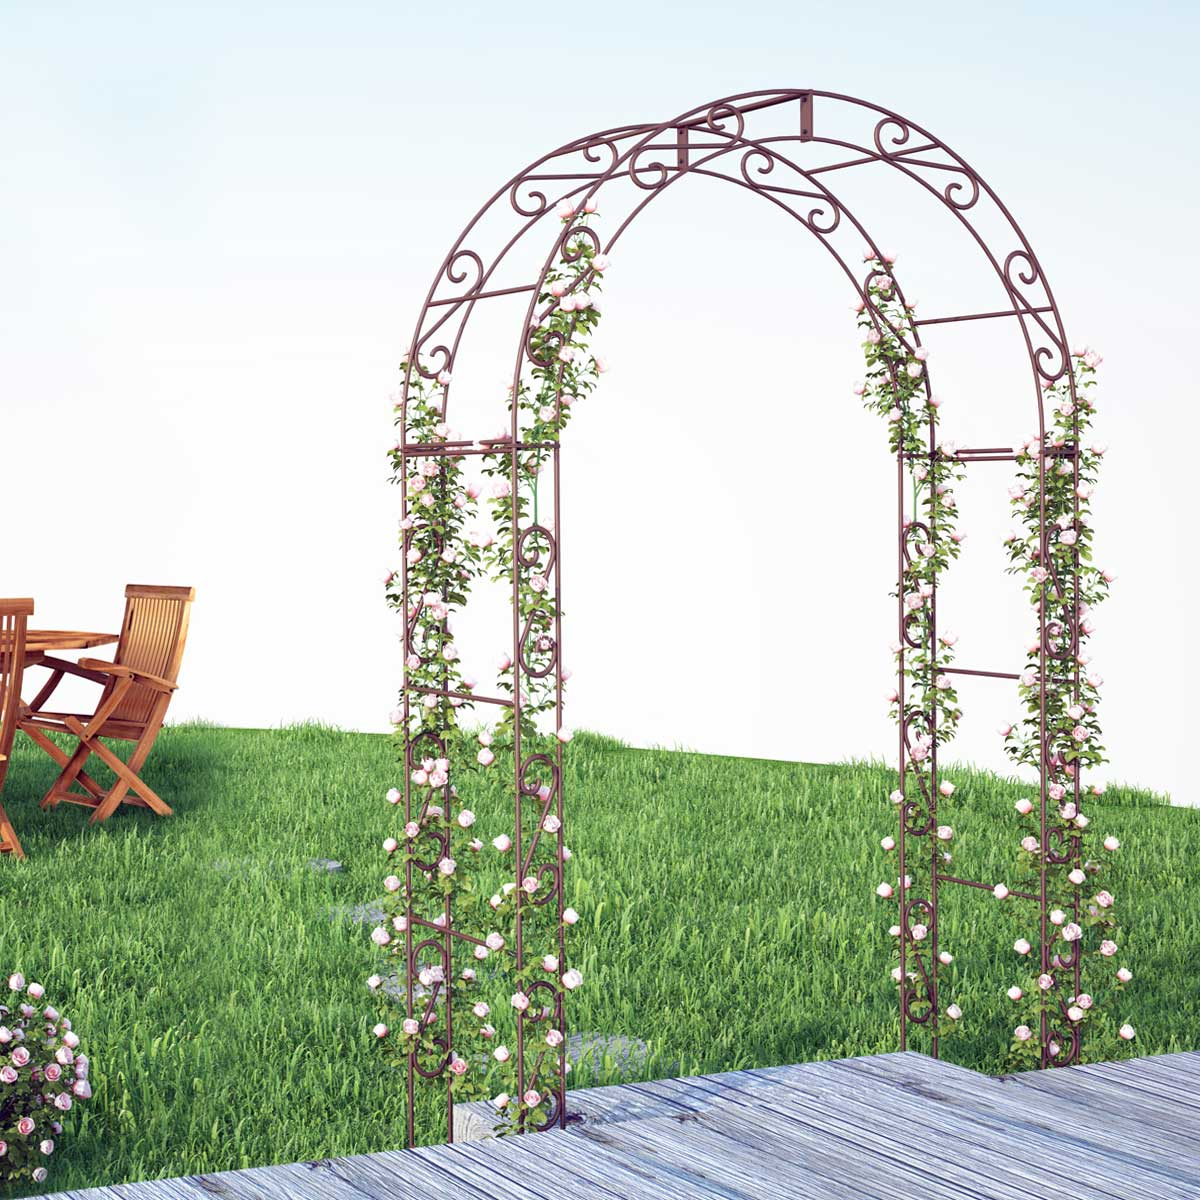 Arche de jardin arrondie en acier plein arches kiosque et marquise - Comment faire une arche ...